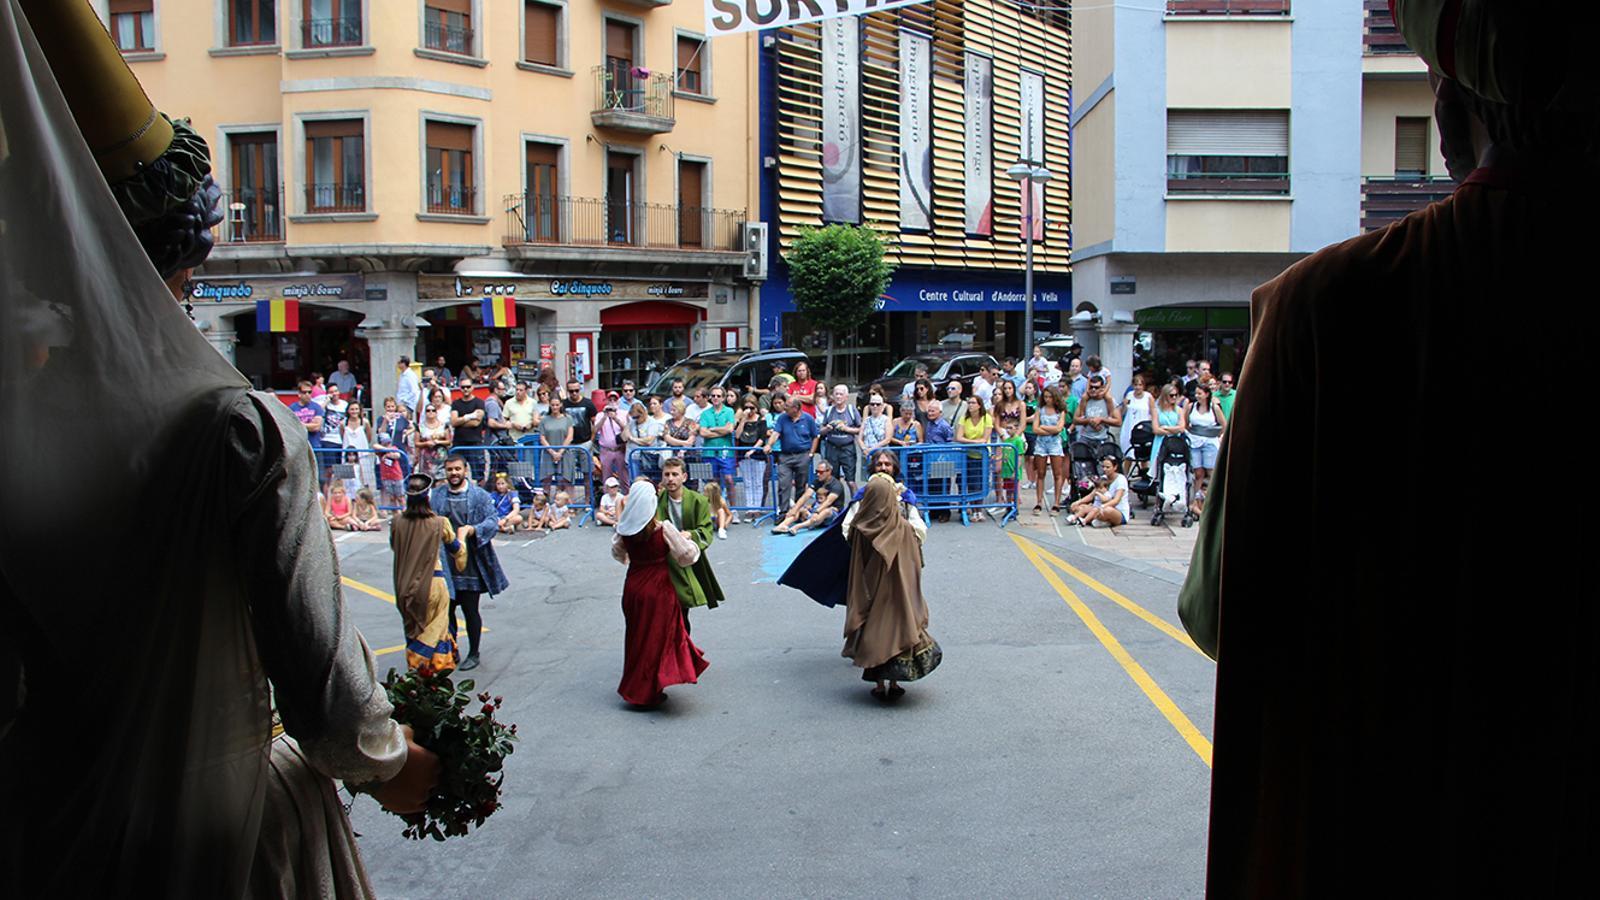 A la plaça Guillemó s'han aplegat centenars de persones per gaudir del ball de gegants i de l'esbart. / P. R.